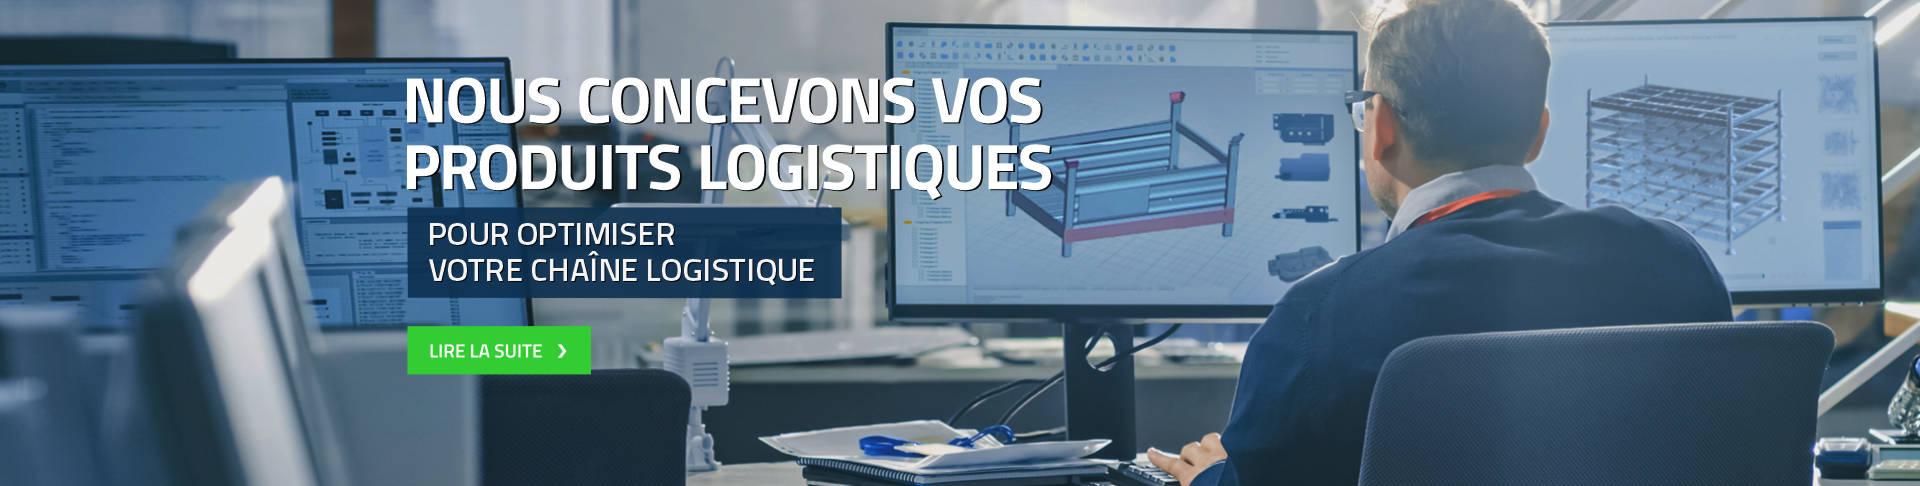 Nous concevons vos produits logistiques pour optimiser votre chaîne logistique